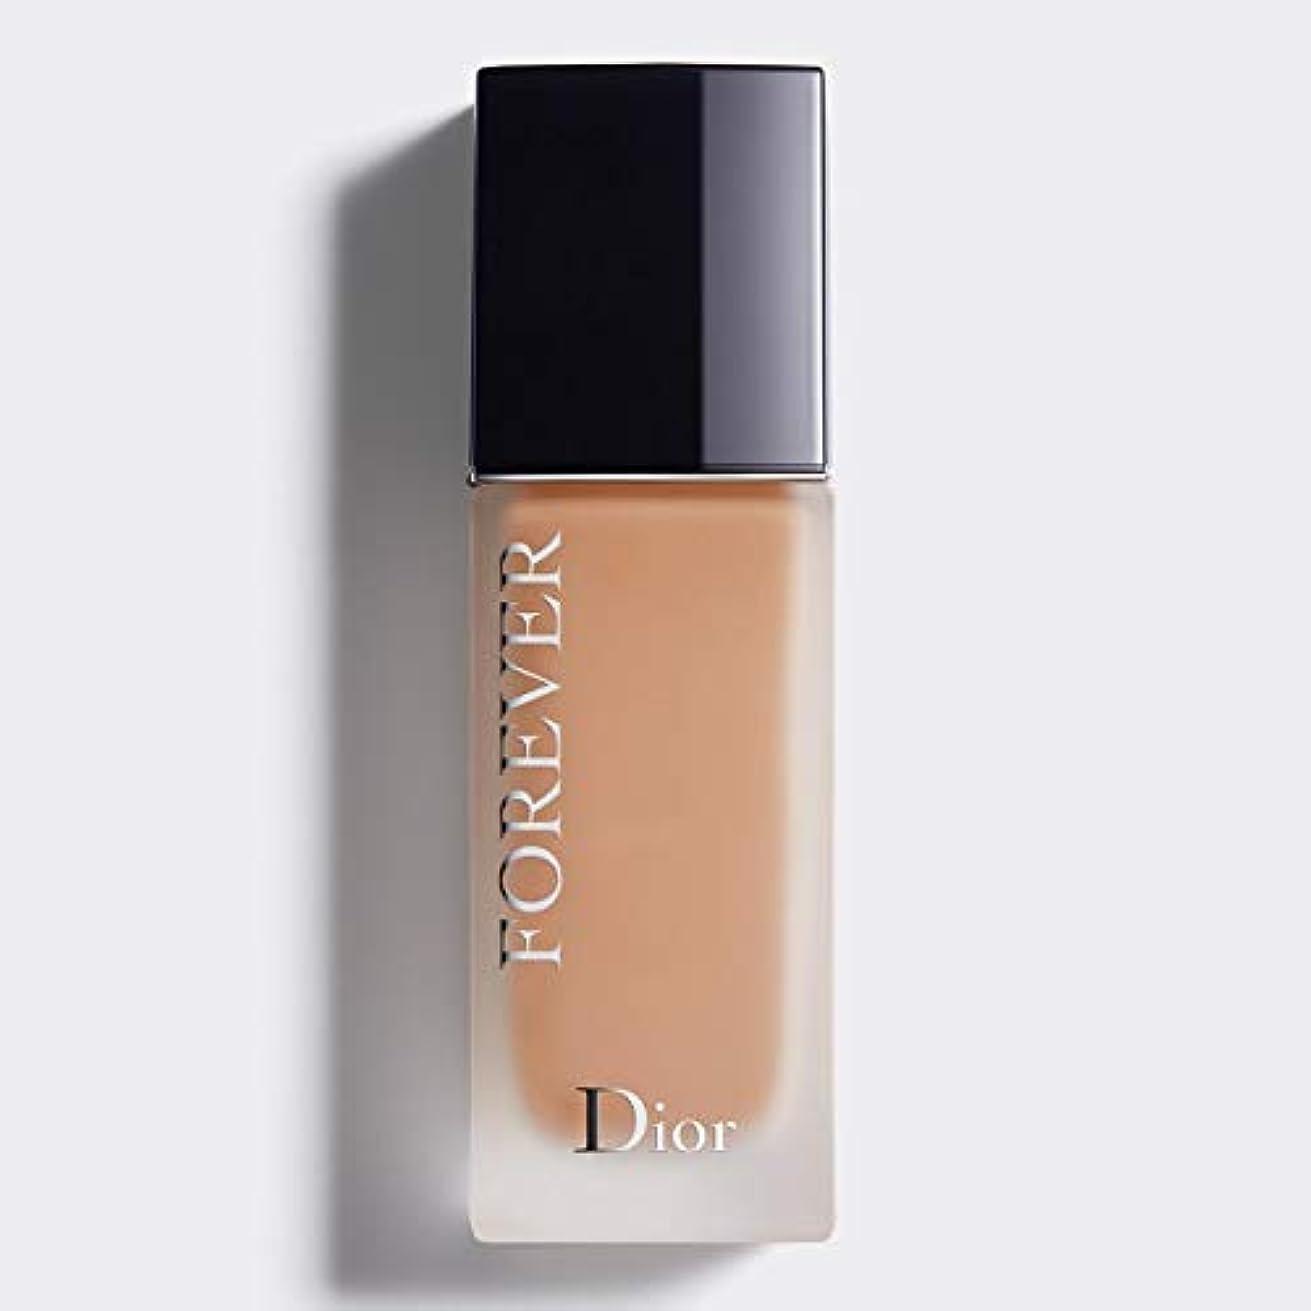 段階上試みるクリスチャンディオール Dior Forever 24H Wear High Perfection Foundation SPF 35 - # 3WP (Warm Peach) 30ml/1oz並行輸入品